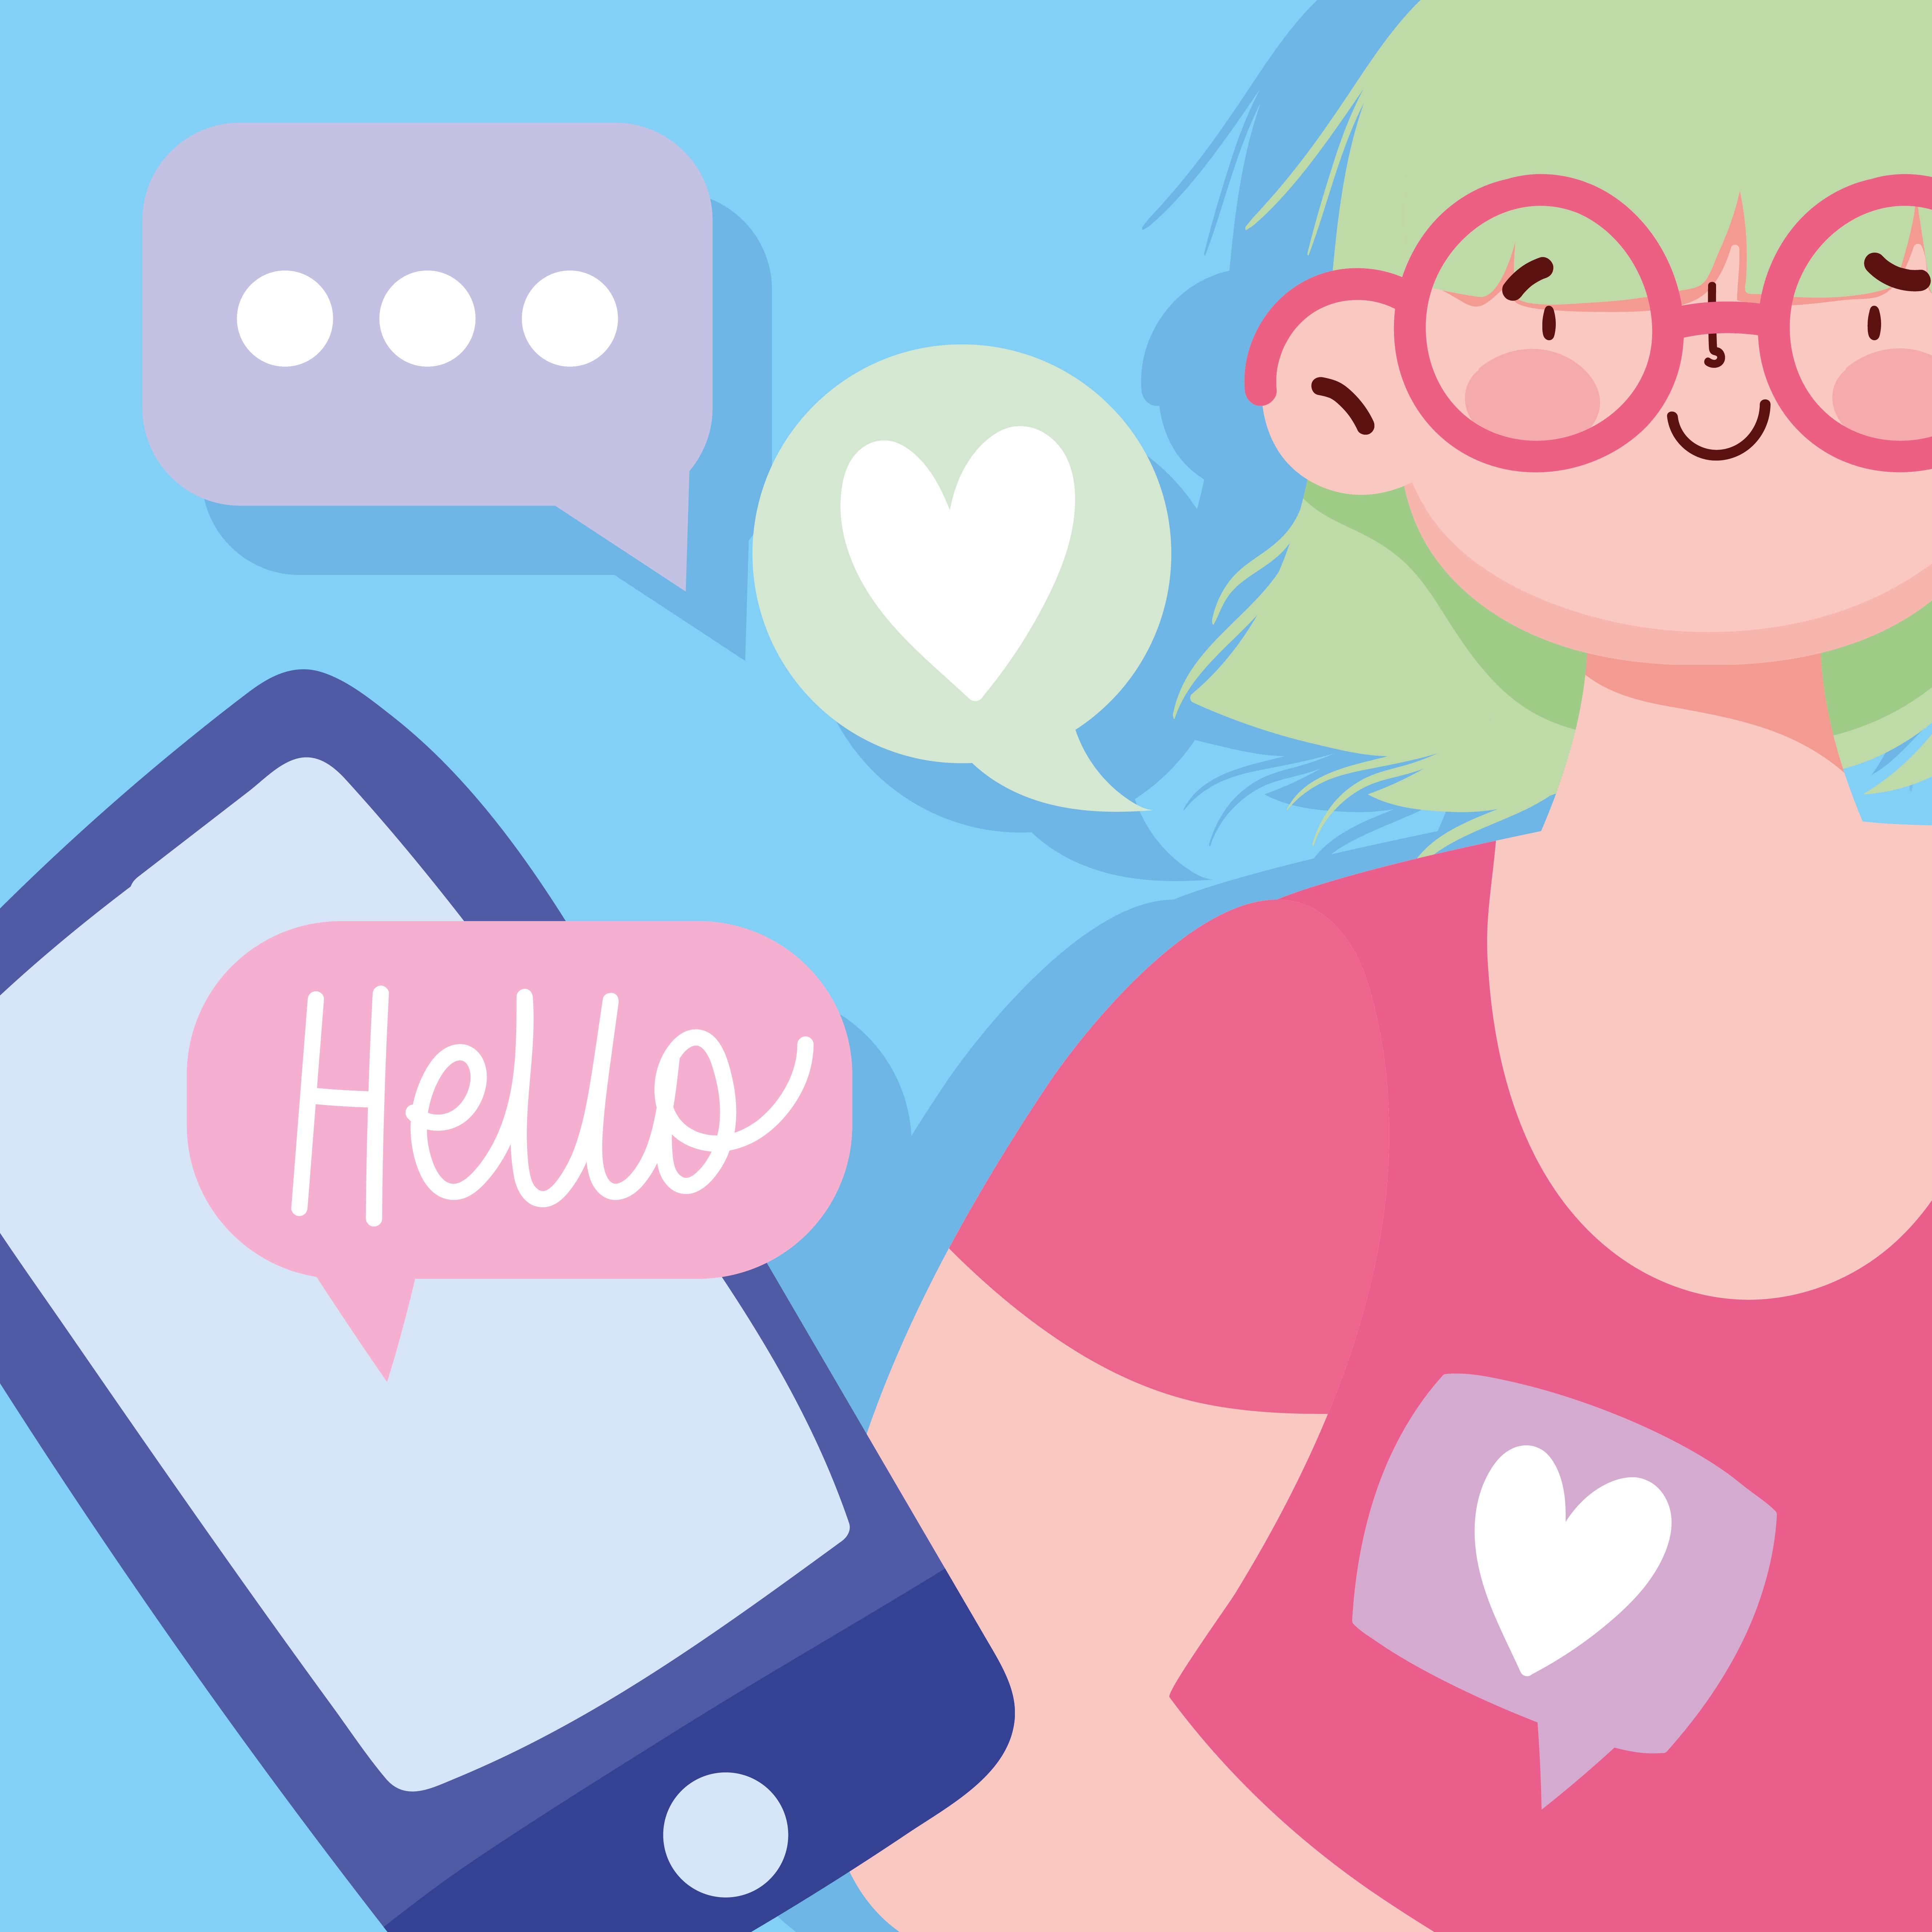 jovem com um bate-papo sms no smartphone vetor